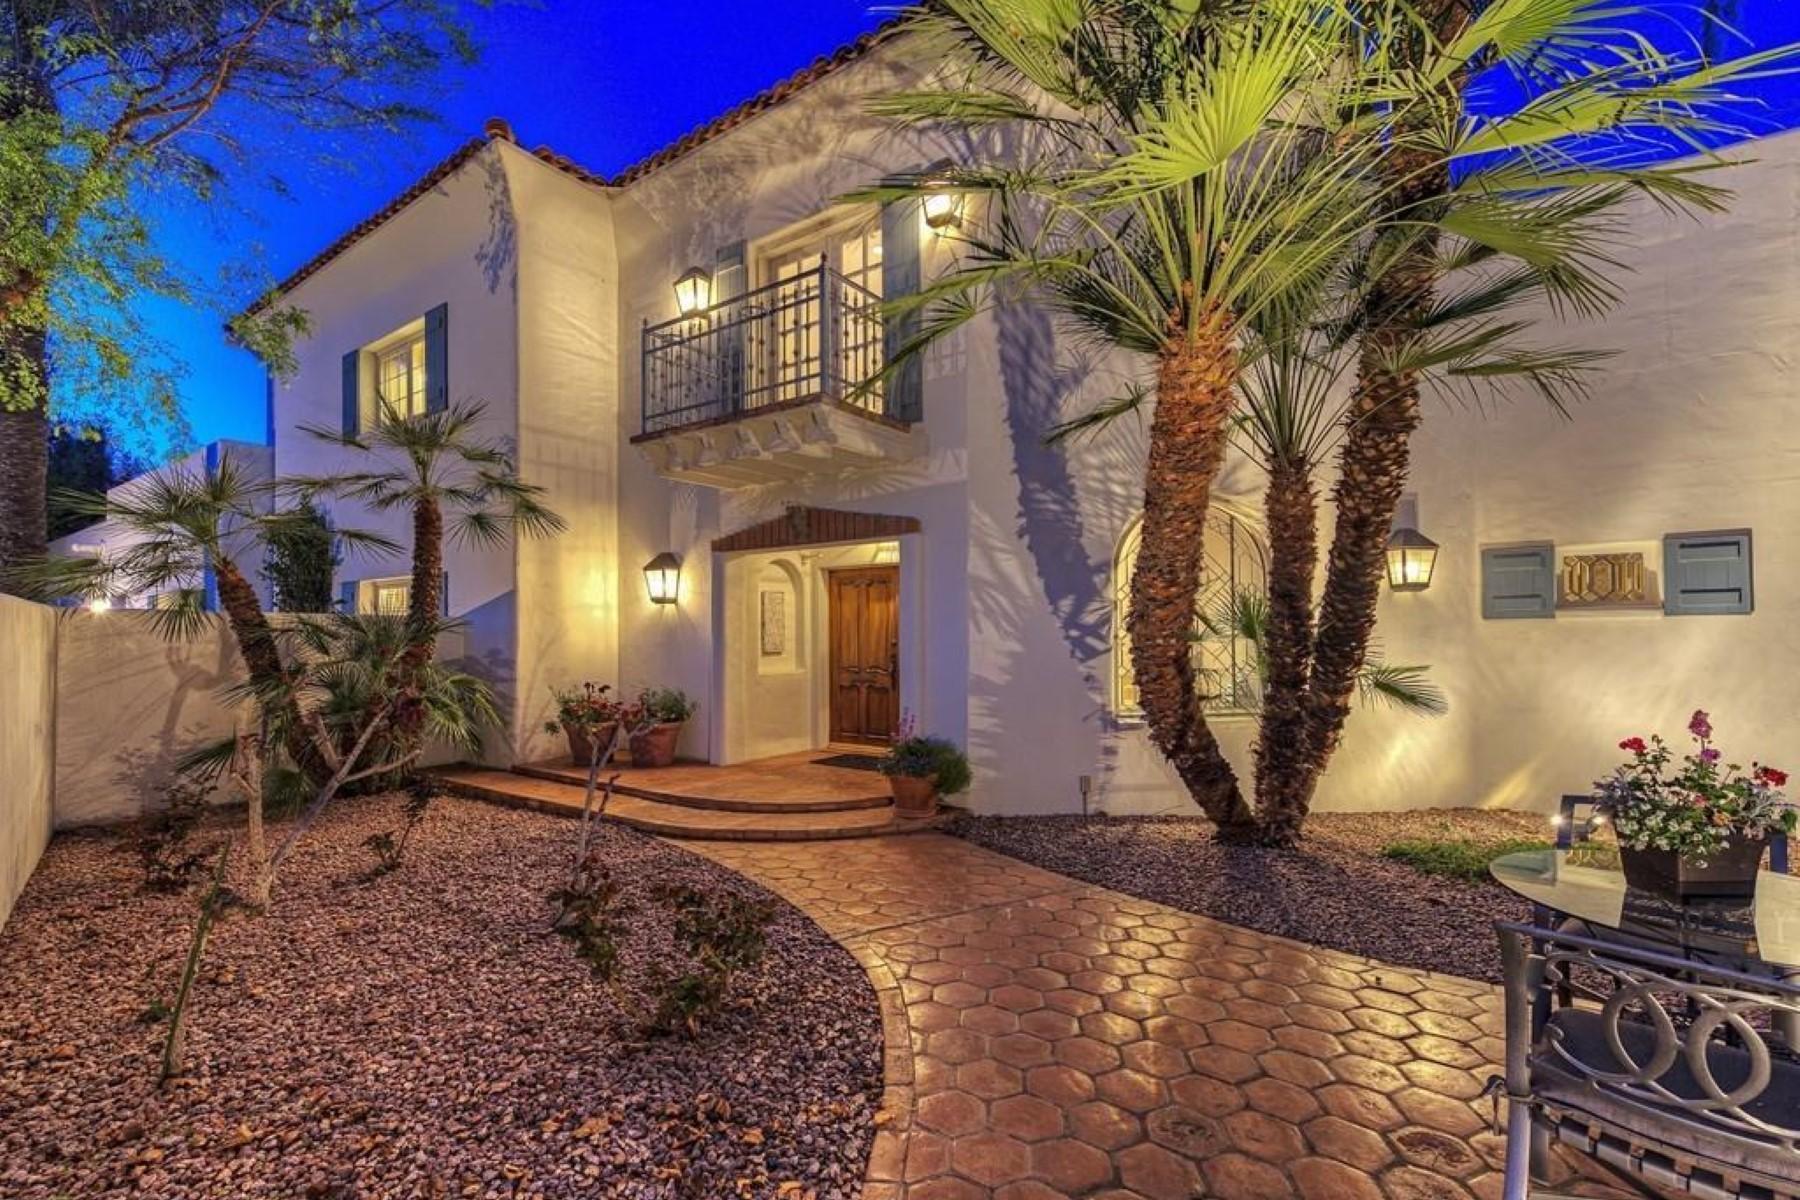 獨棟家庭住宅 為 出售 在 A true Santa Barbara style home 5518 E Sanna St Paradise Valley, 亞利桑那州 85253 美國